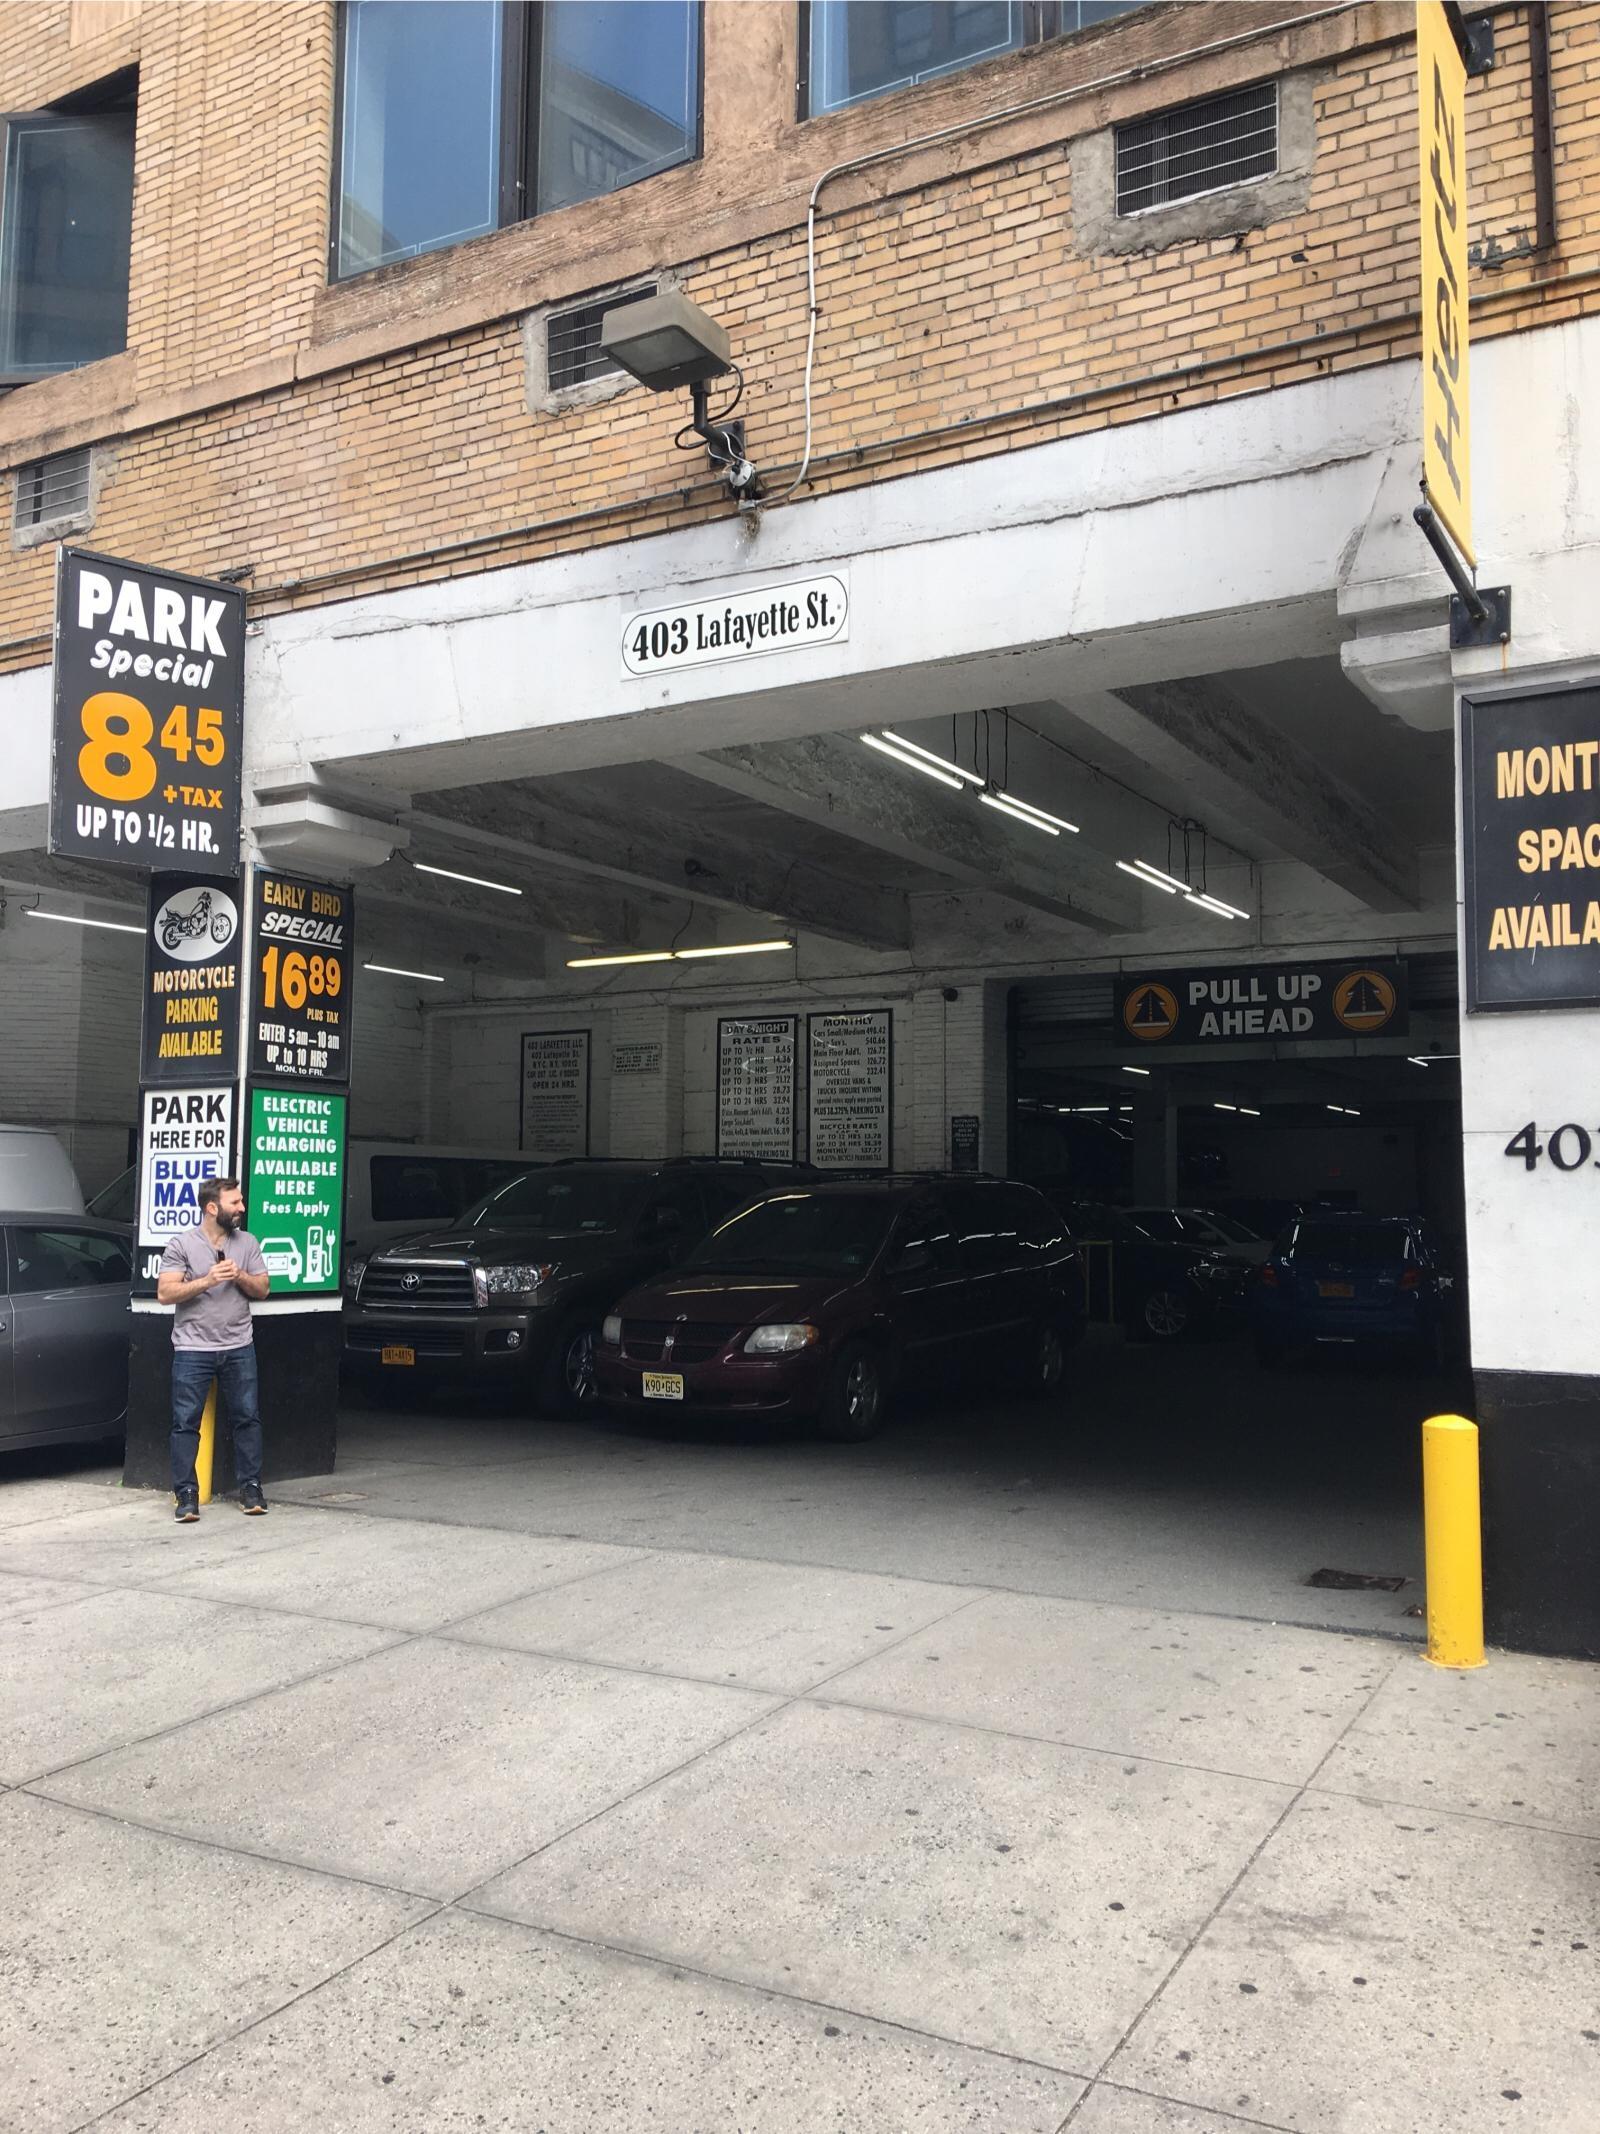 403 lafayette st garage parking in new york parkme for New york parking garage